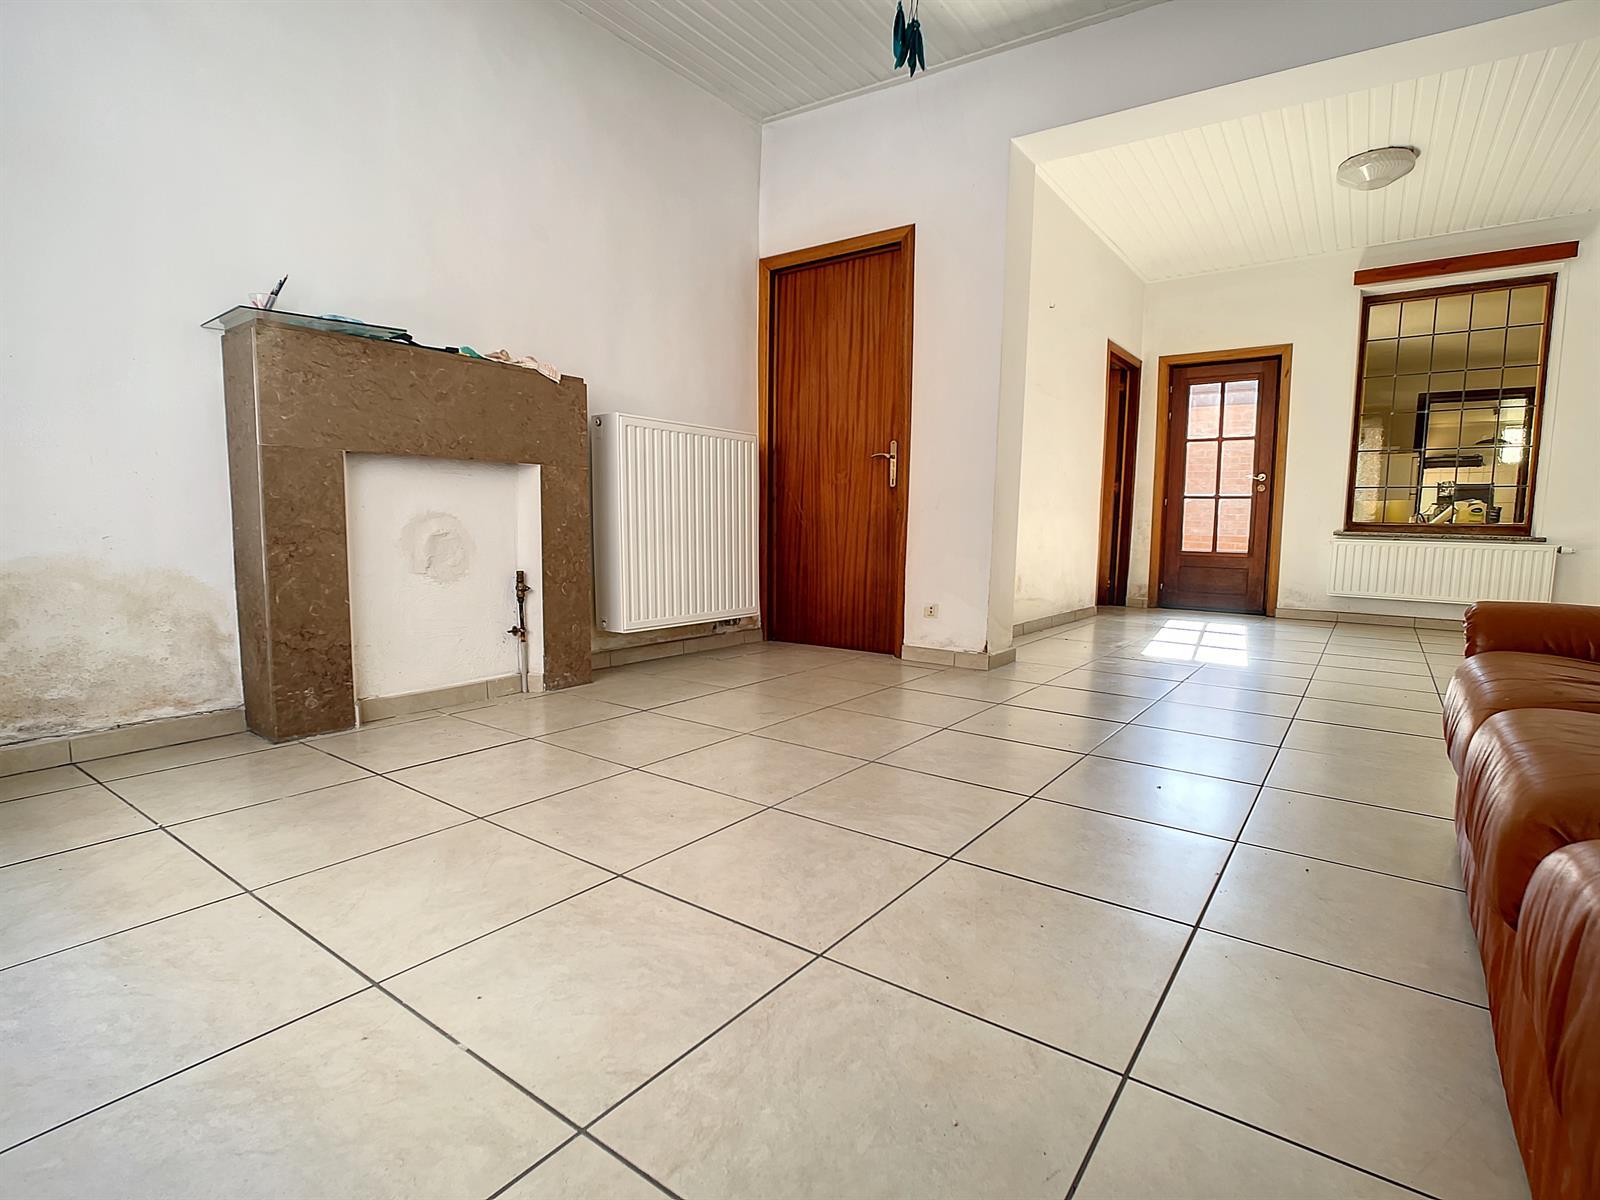 Maison - Trazegnies - #4496714-8